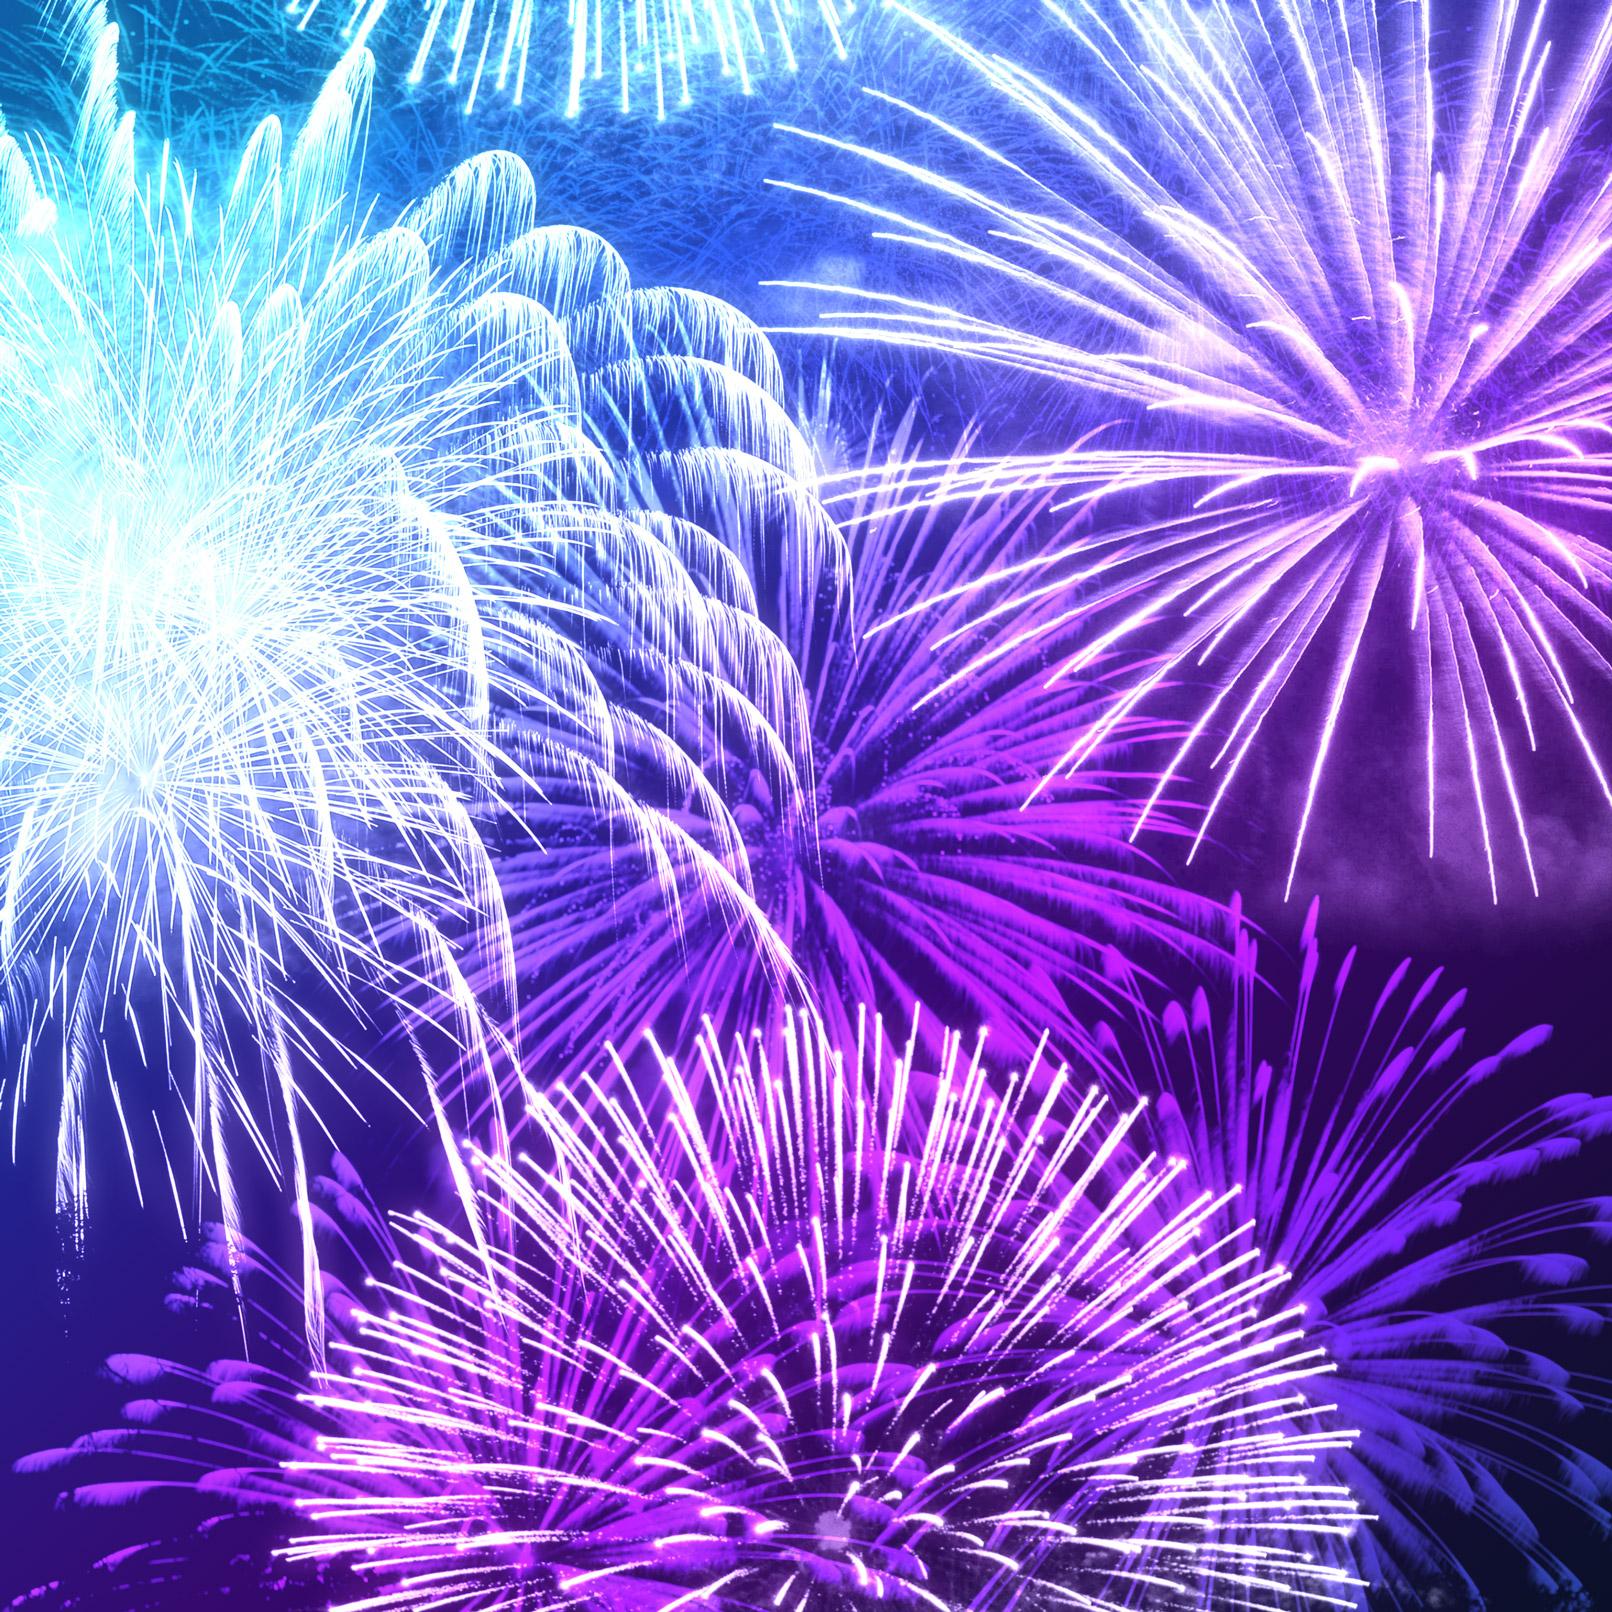 Feuerwerk, Bilder durch Anwendung der Feuerwerkspinsel aufbereitet